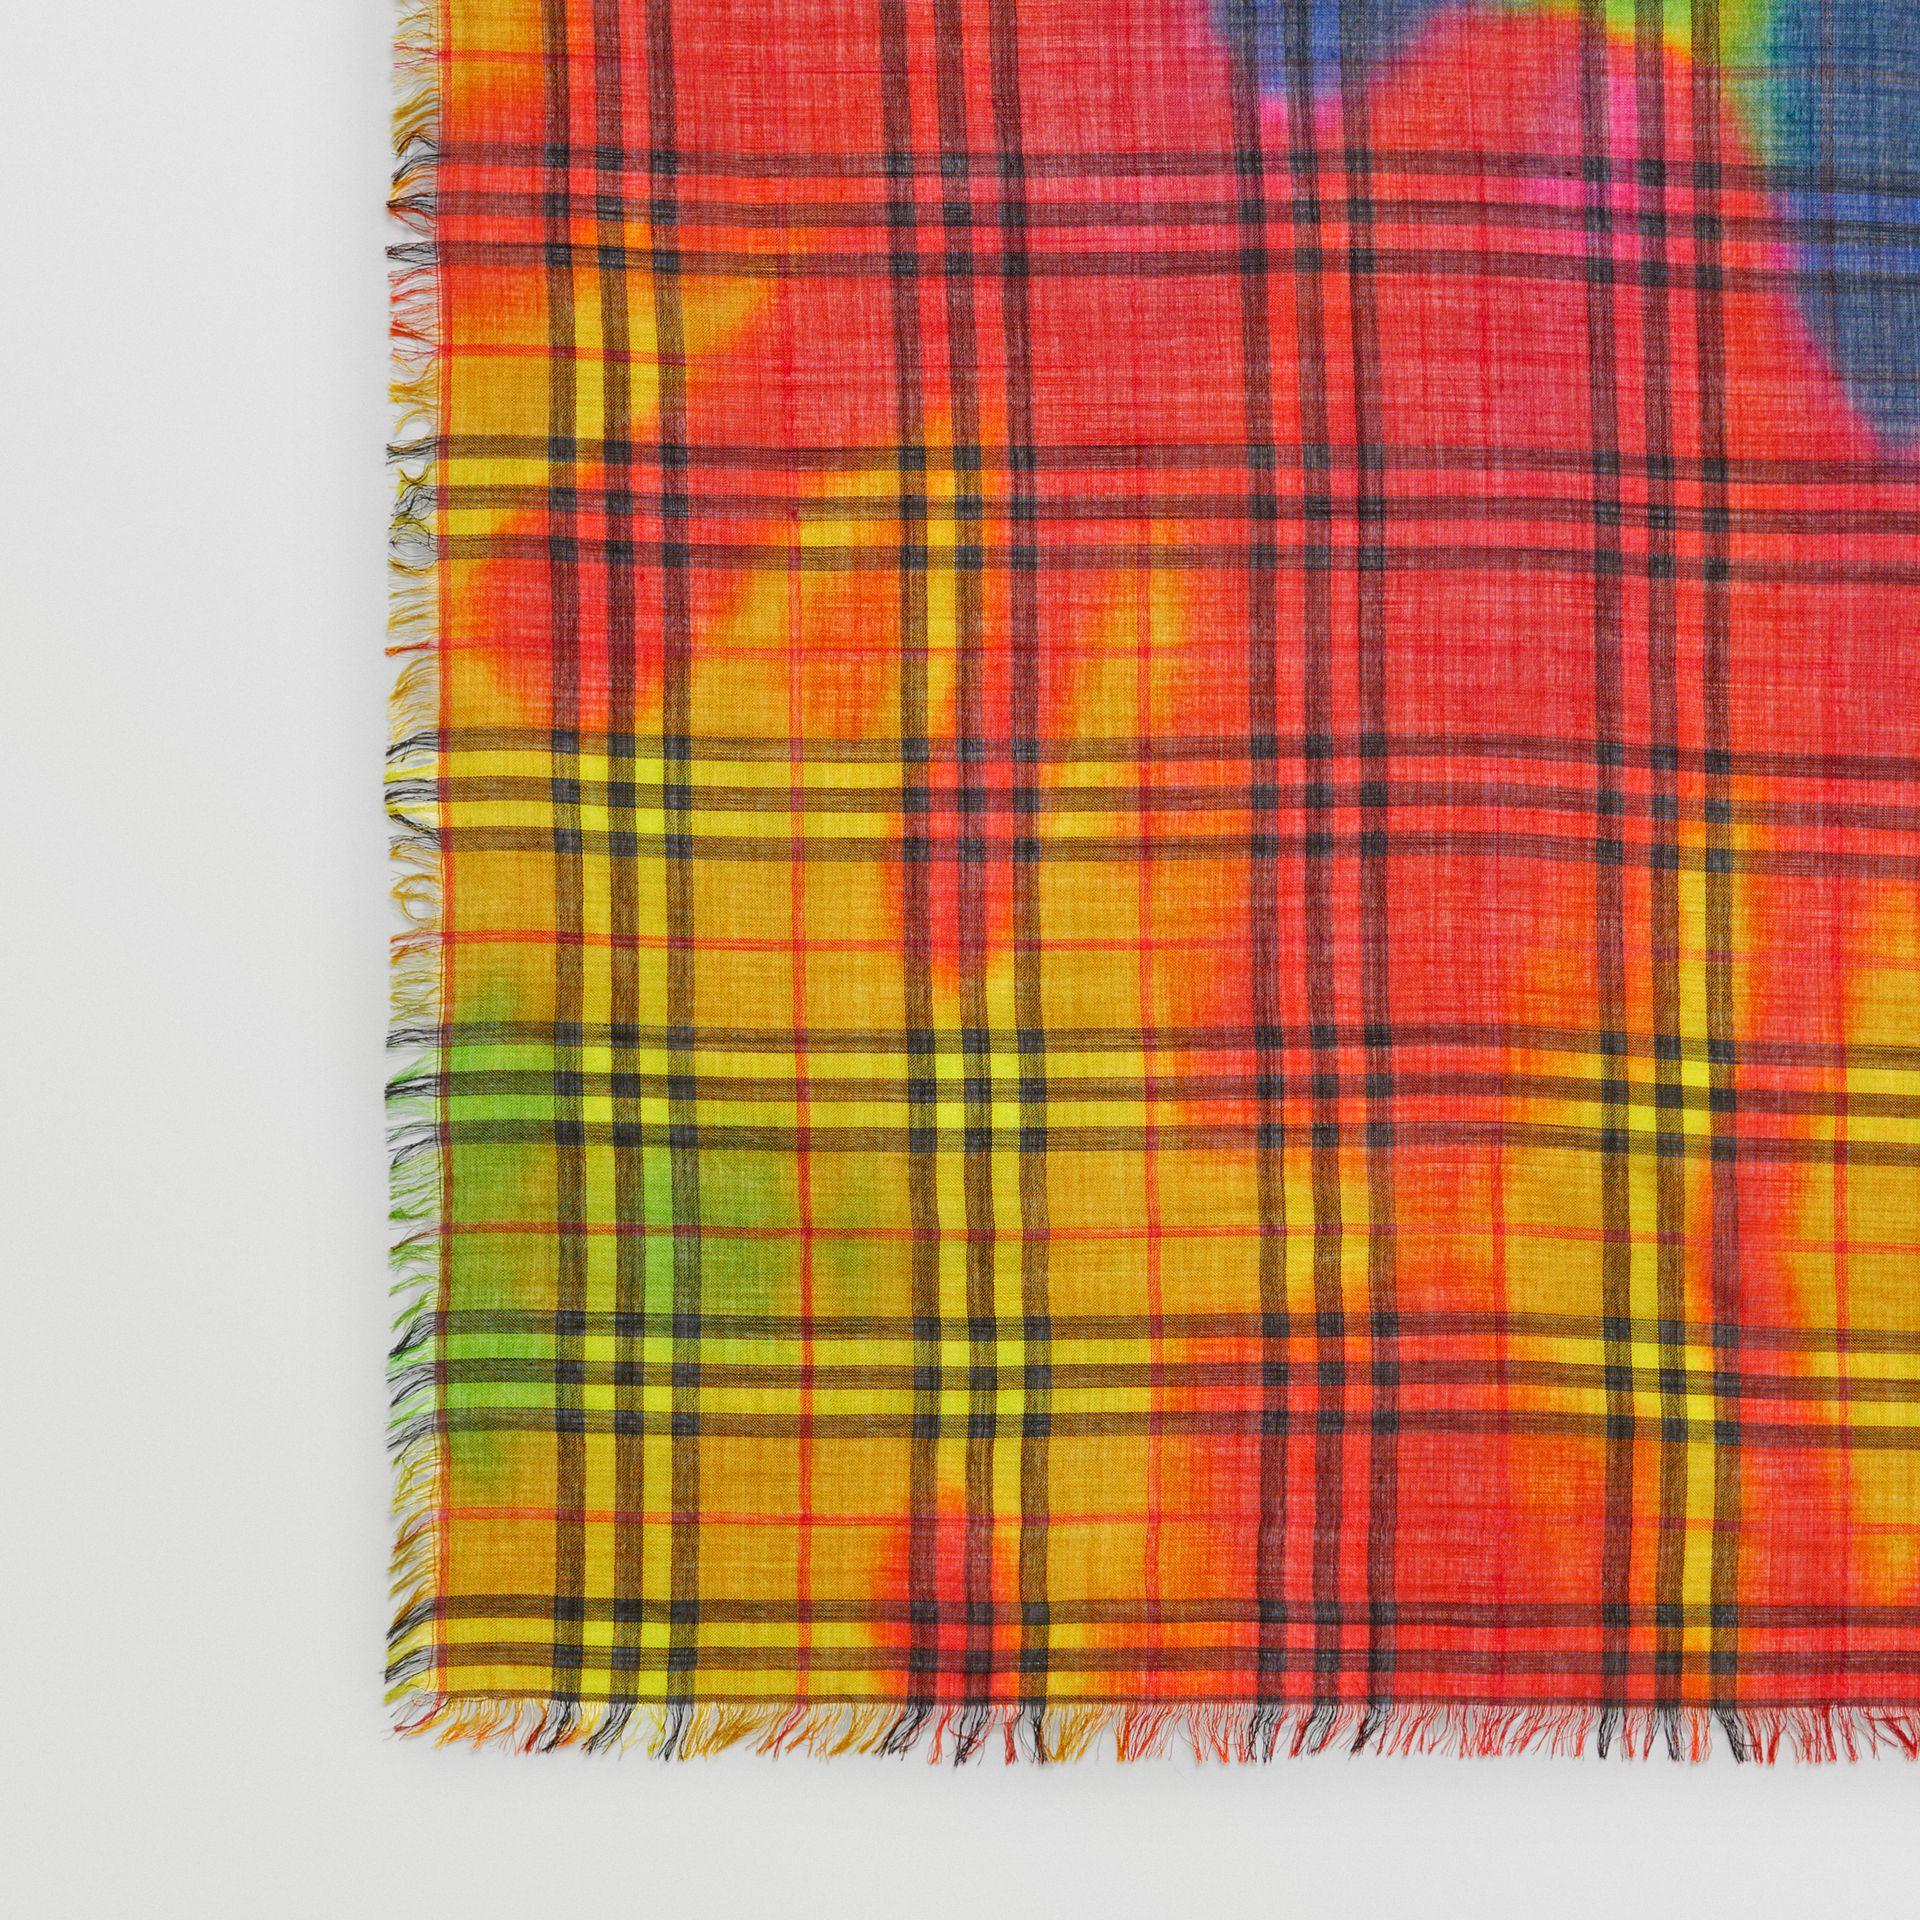 Lyst - Grand carré de laine et soie à motif Vintage check tie-dye ... 6d9b138c84f